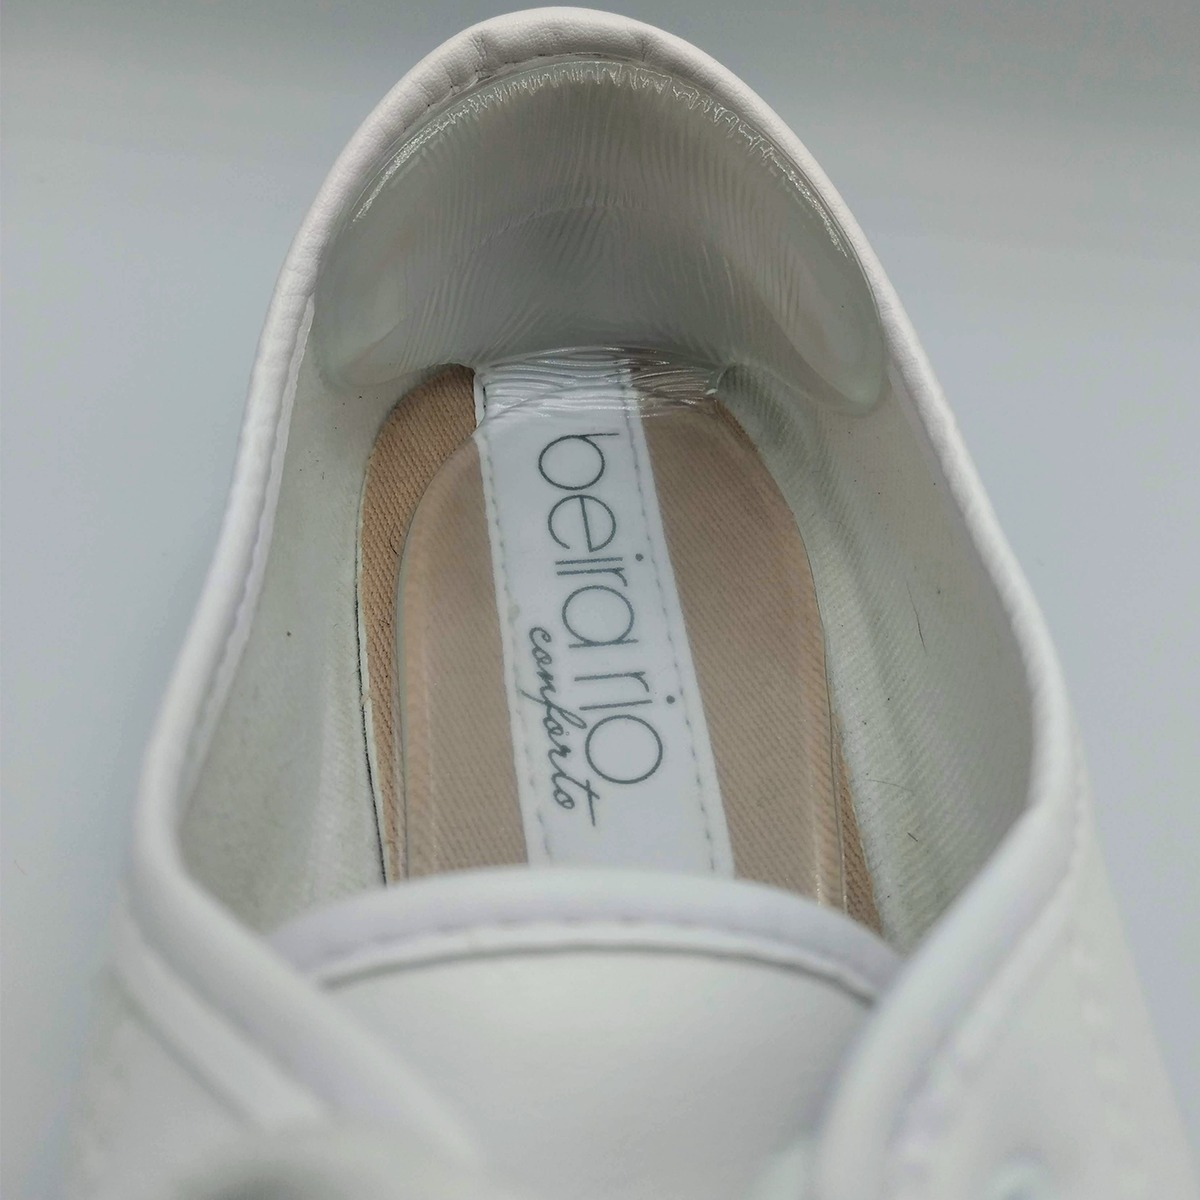 af76b9a2a 1 Par Produto Sapato Não Machucar O Pé - R$ 29,99 em Mercado Livre